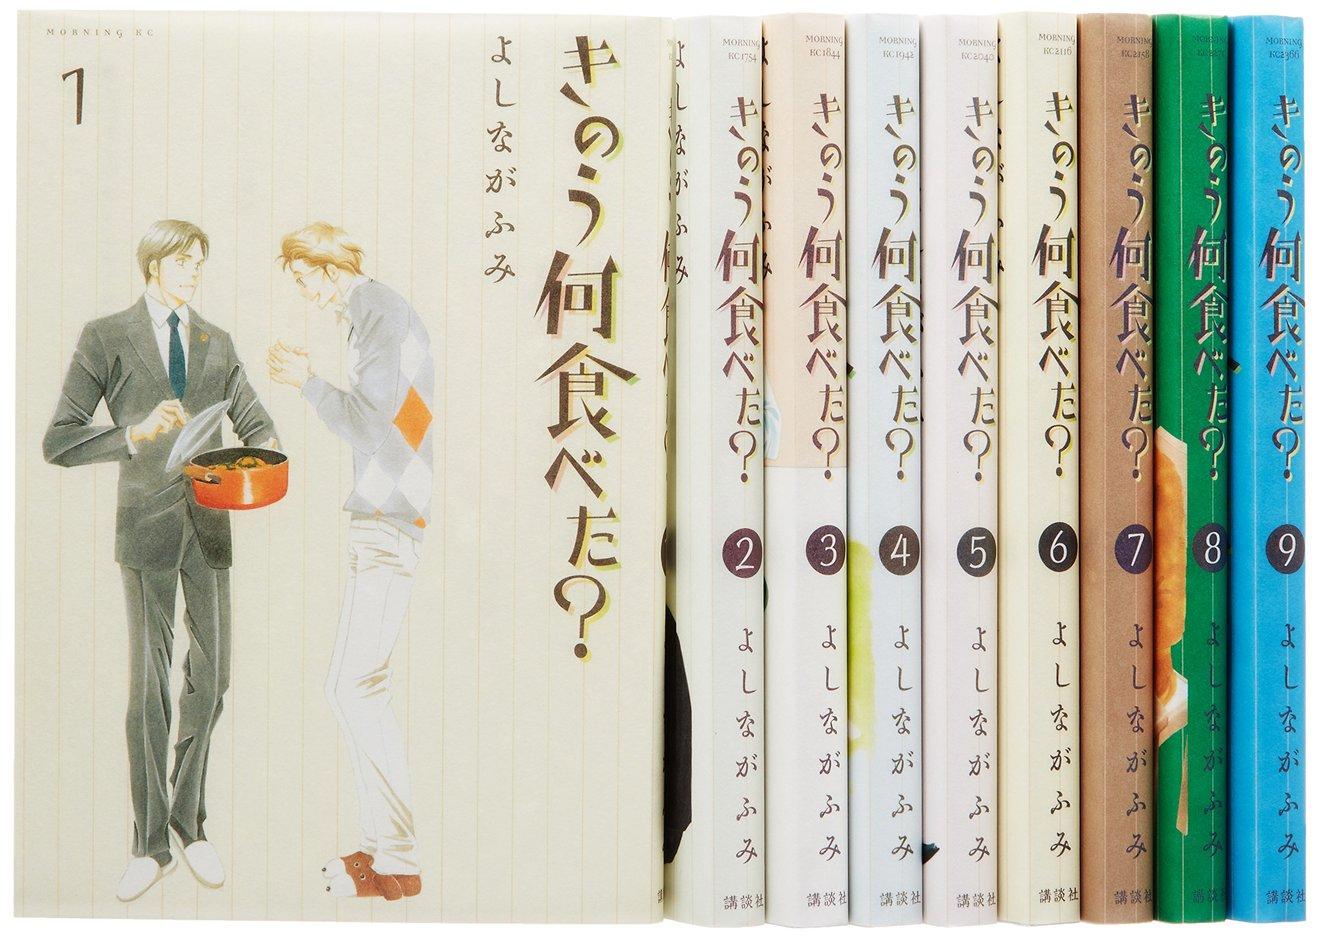 『きのう何食べた?』の魅力を15巻までネタバレ紹介!レシピありで嬉しい!